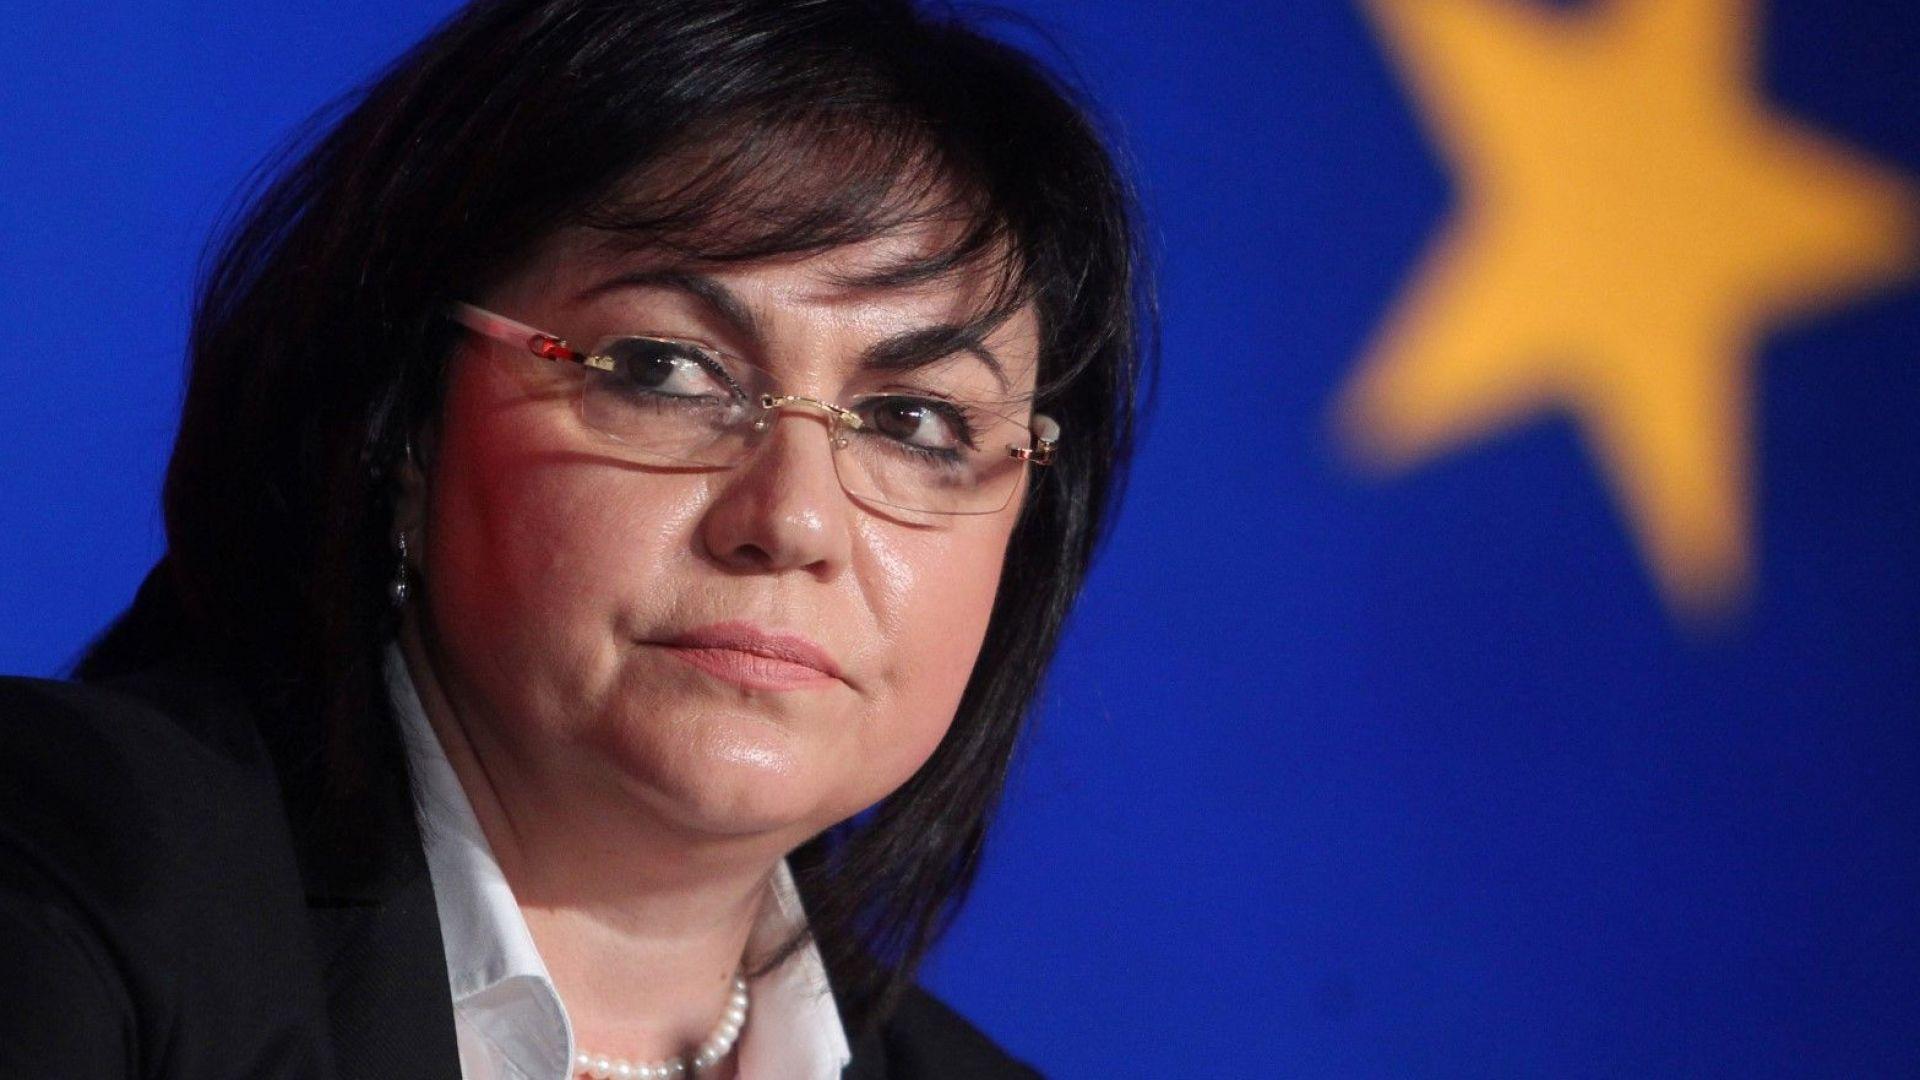 Кметът на Перник отказа да приеме Нинова, не иска да се политизира кризата